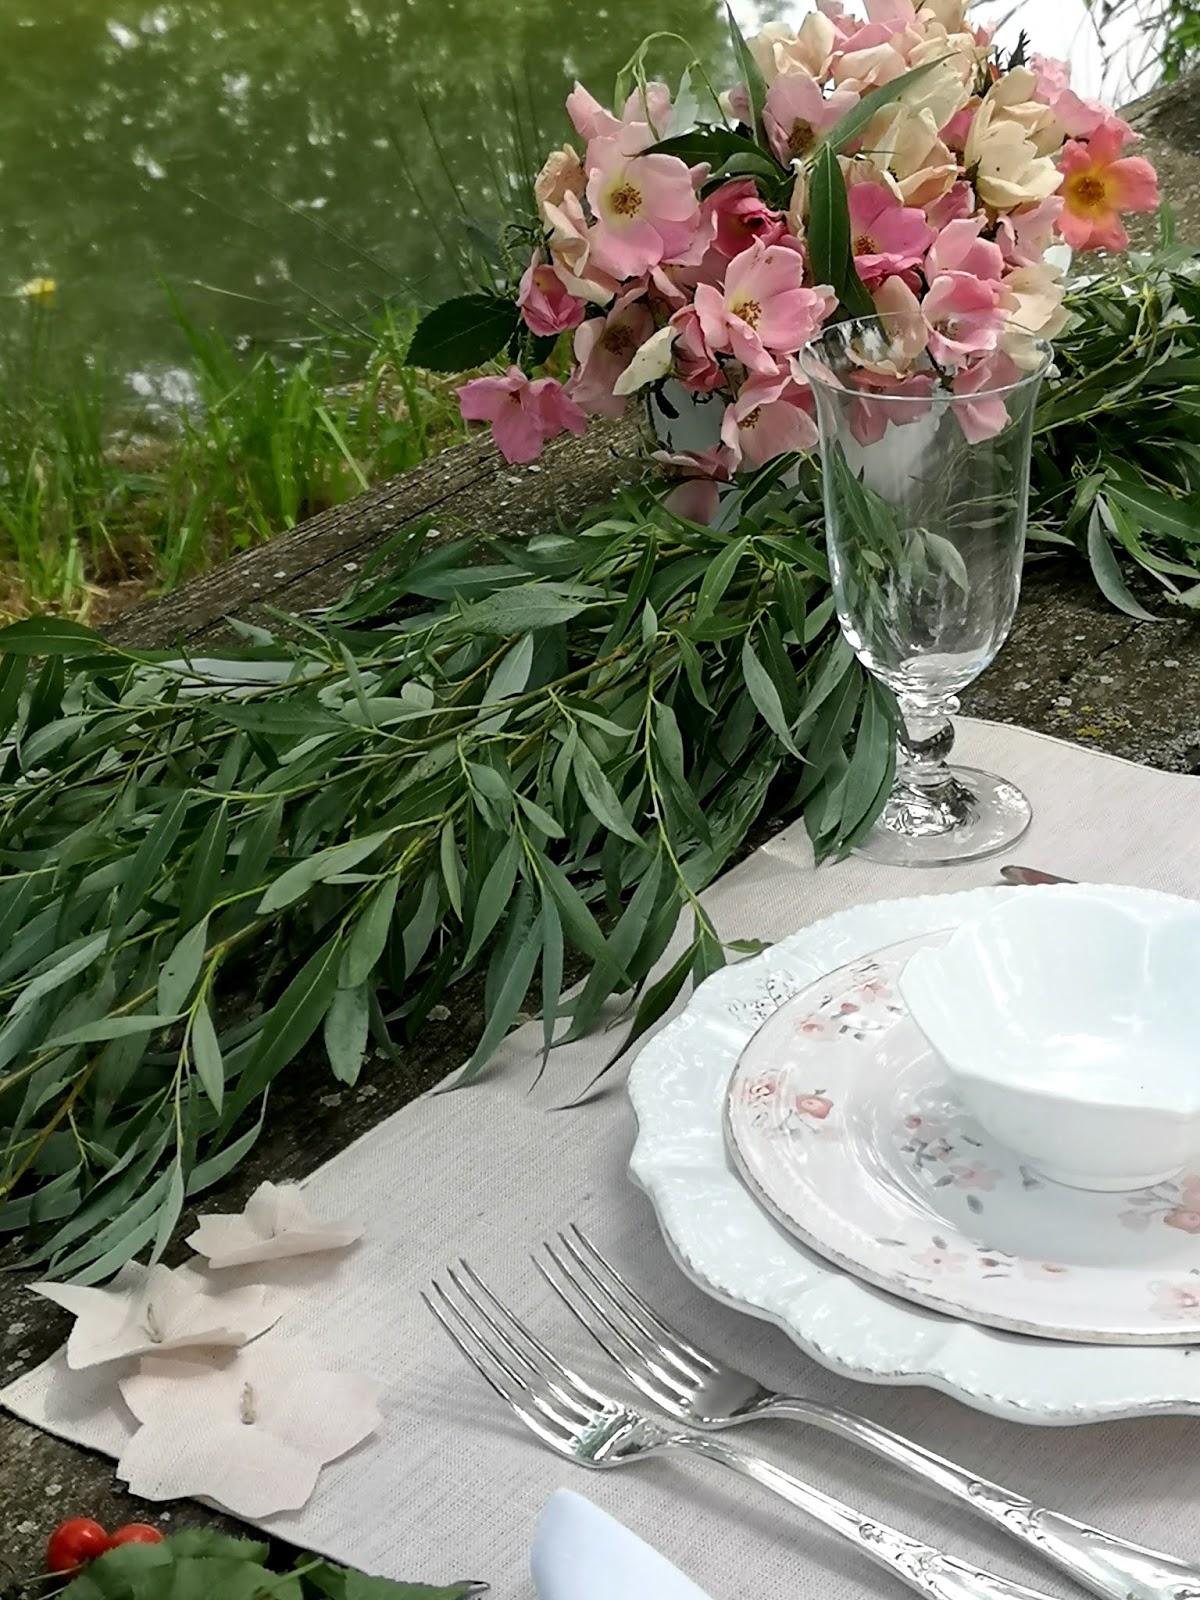 apparecchiare tavola romantica in giardino